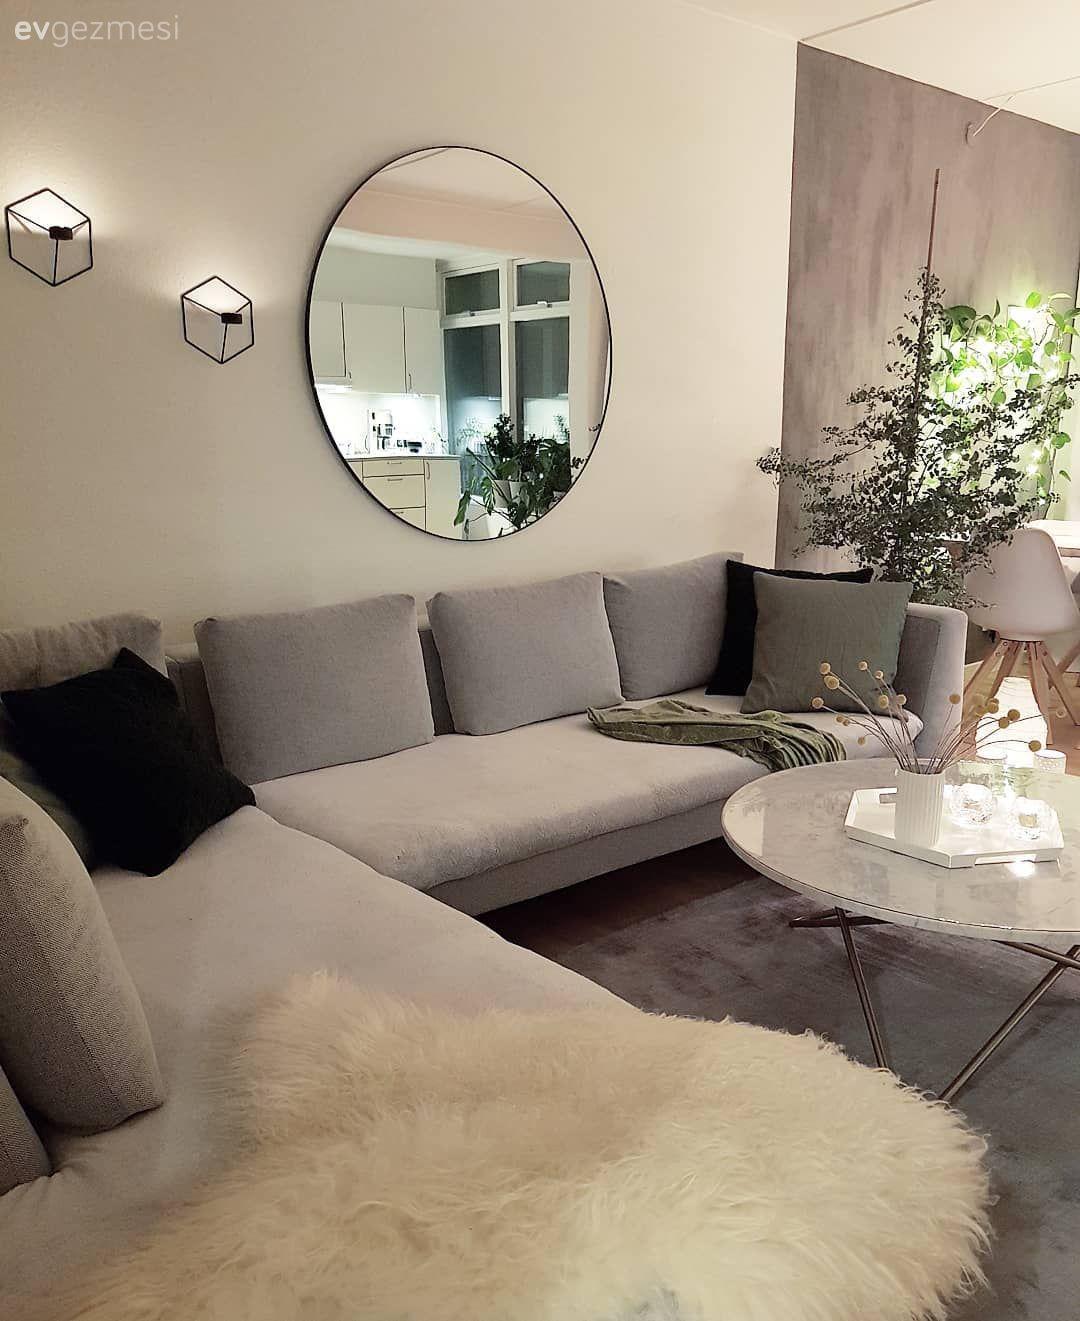 Çekici & Keyifli, İskandinav Stilde Bir Ev | Ev Gezmesi Bebek Odası